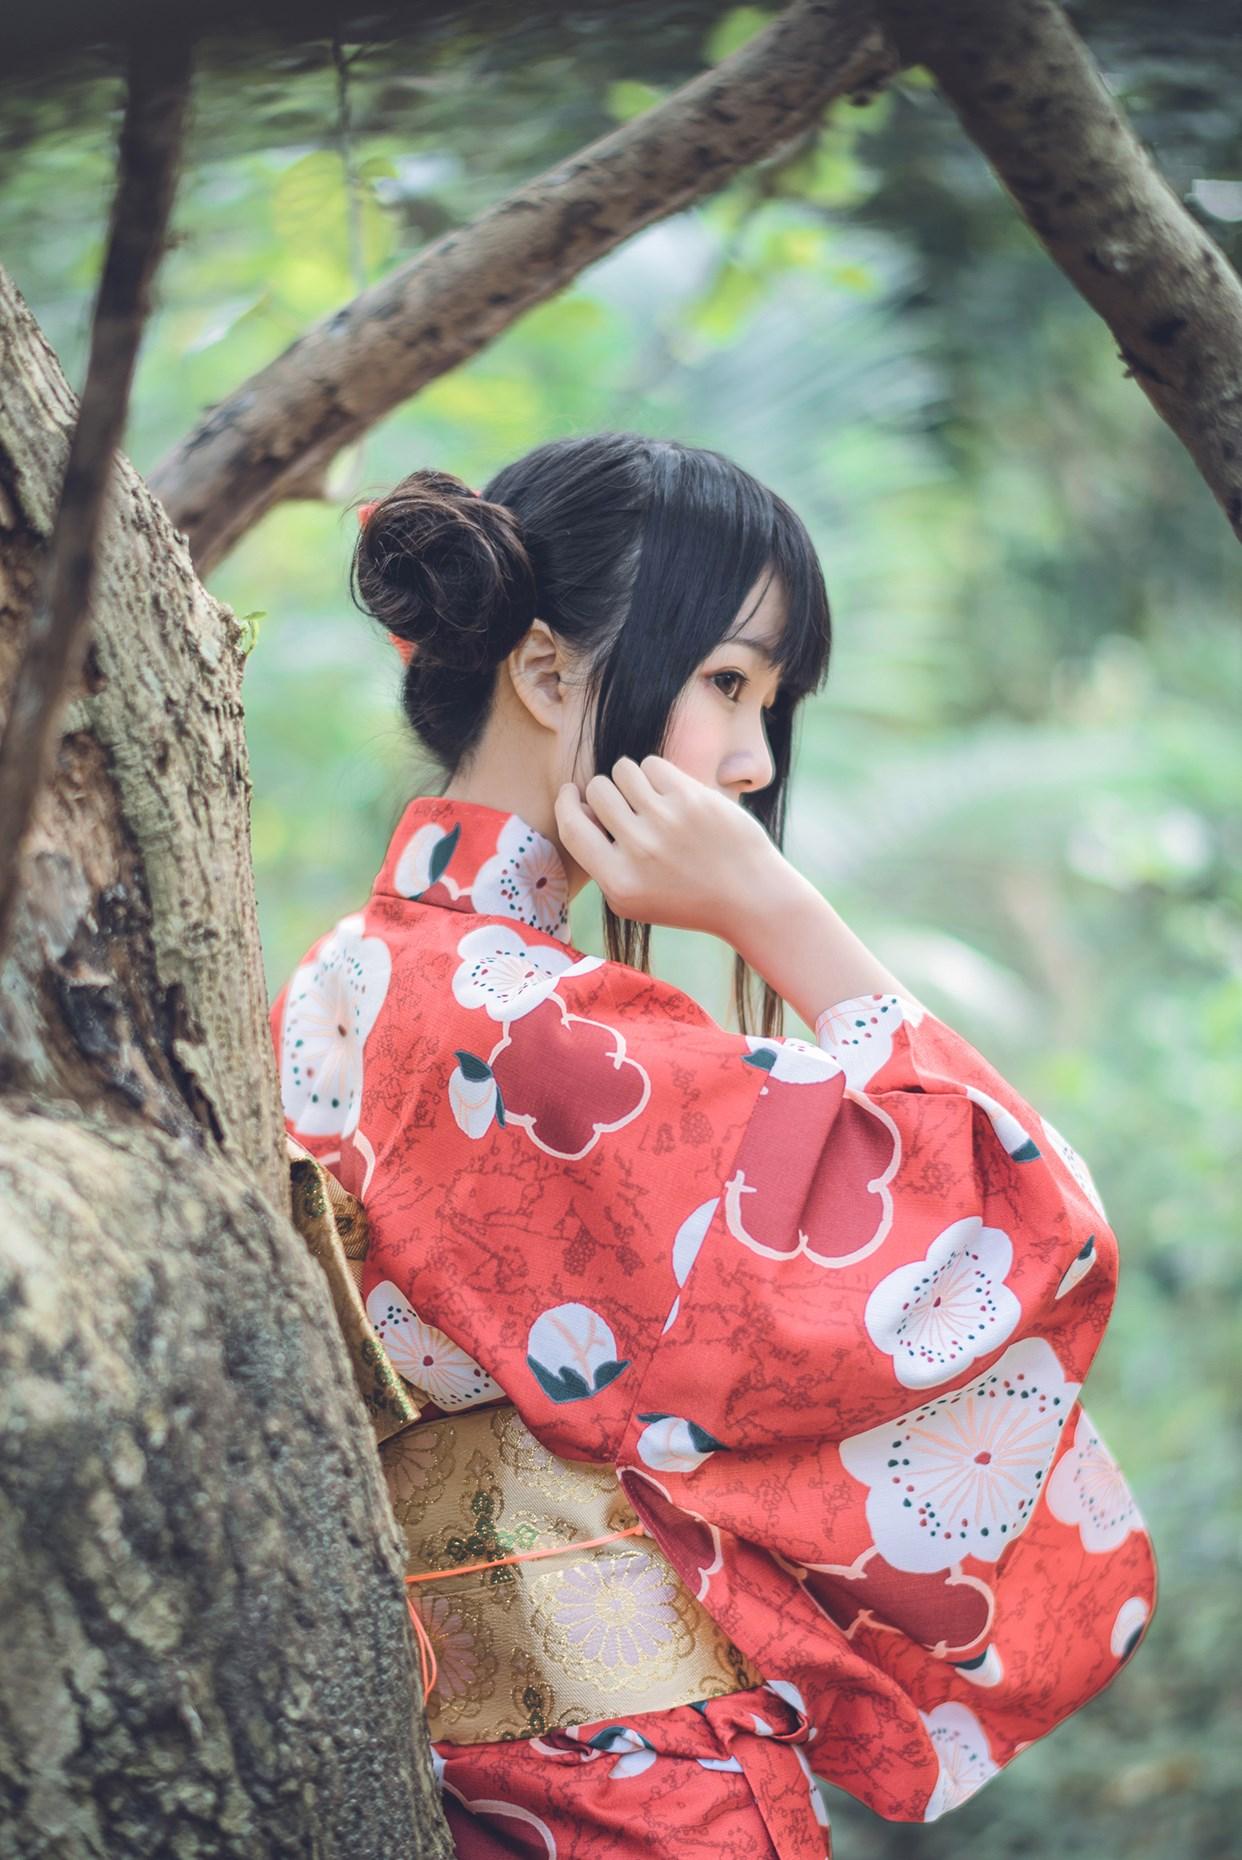 【兔玩映画】夏日祭 兔玩映画 第19张